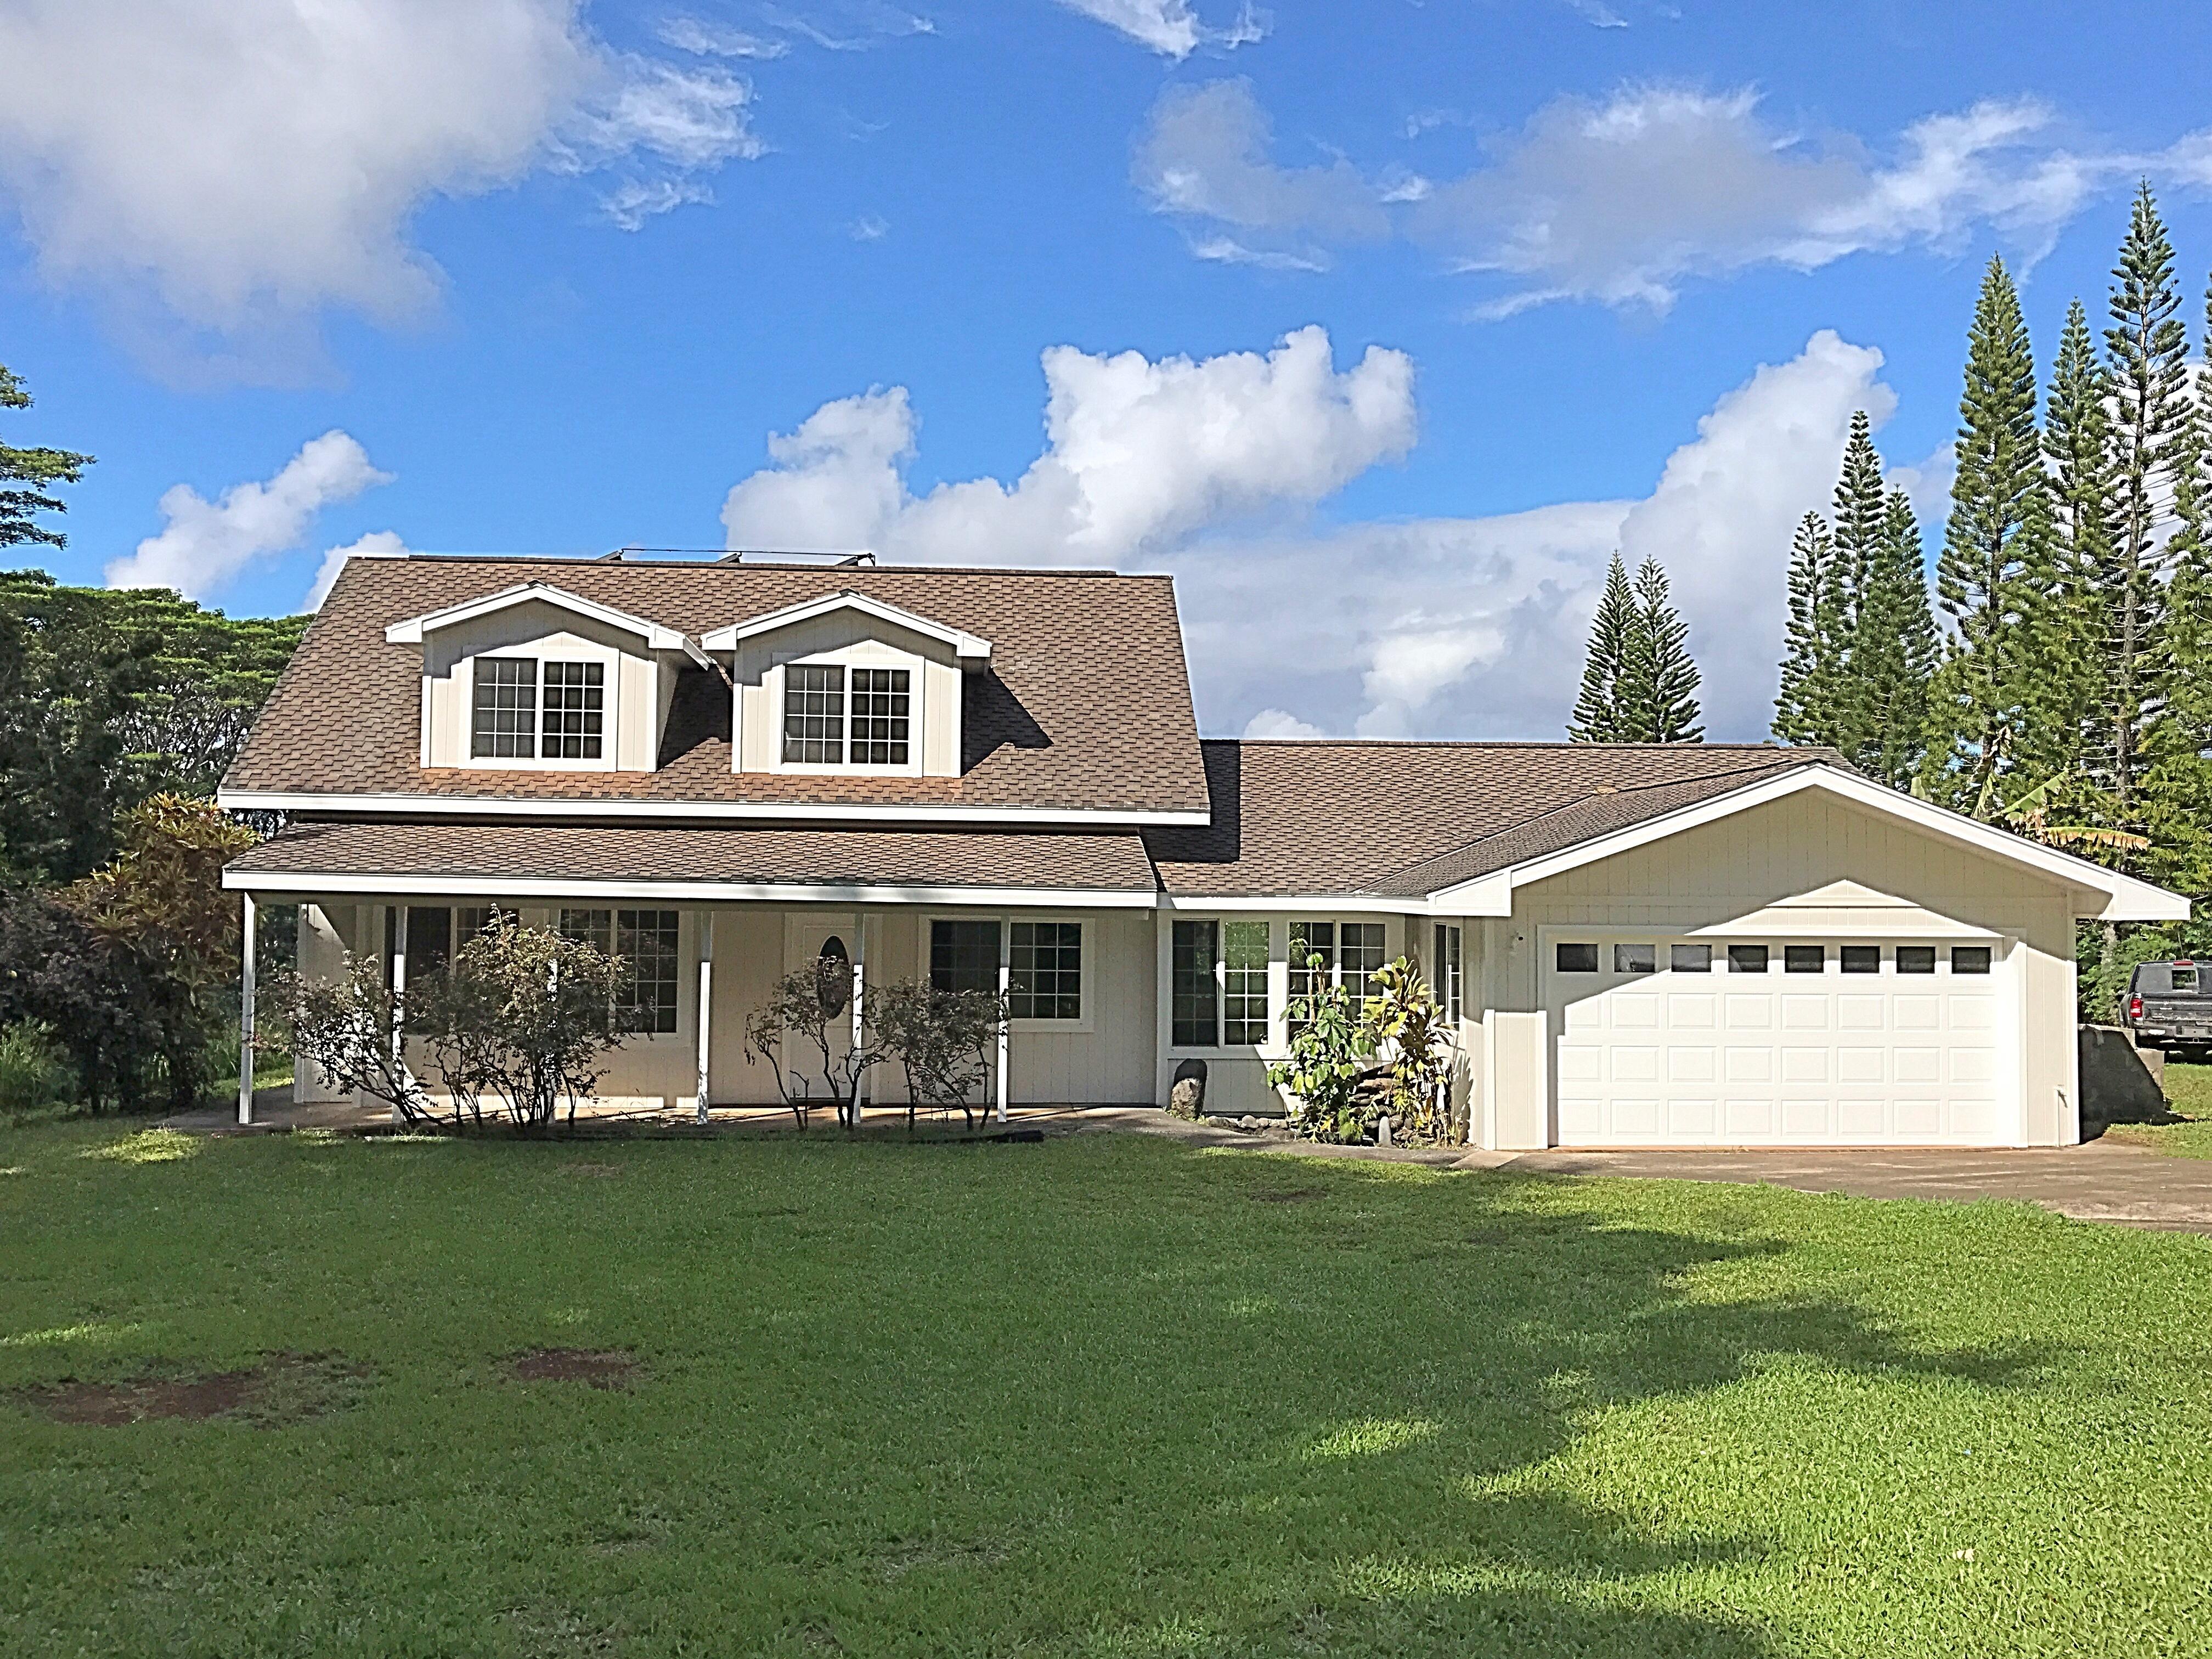 haiku maui home for sale 44 aloha aina haiku homes. Black Bedroom Furniture Sets. Home Design Ideas